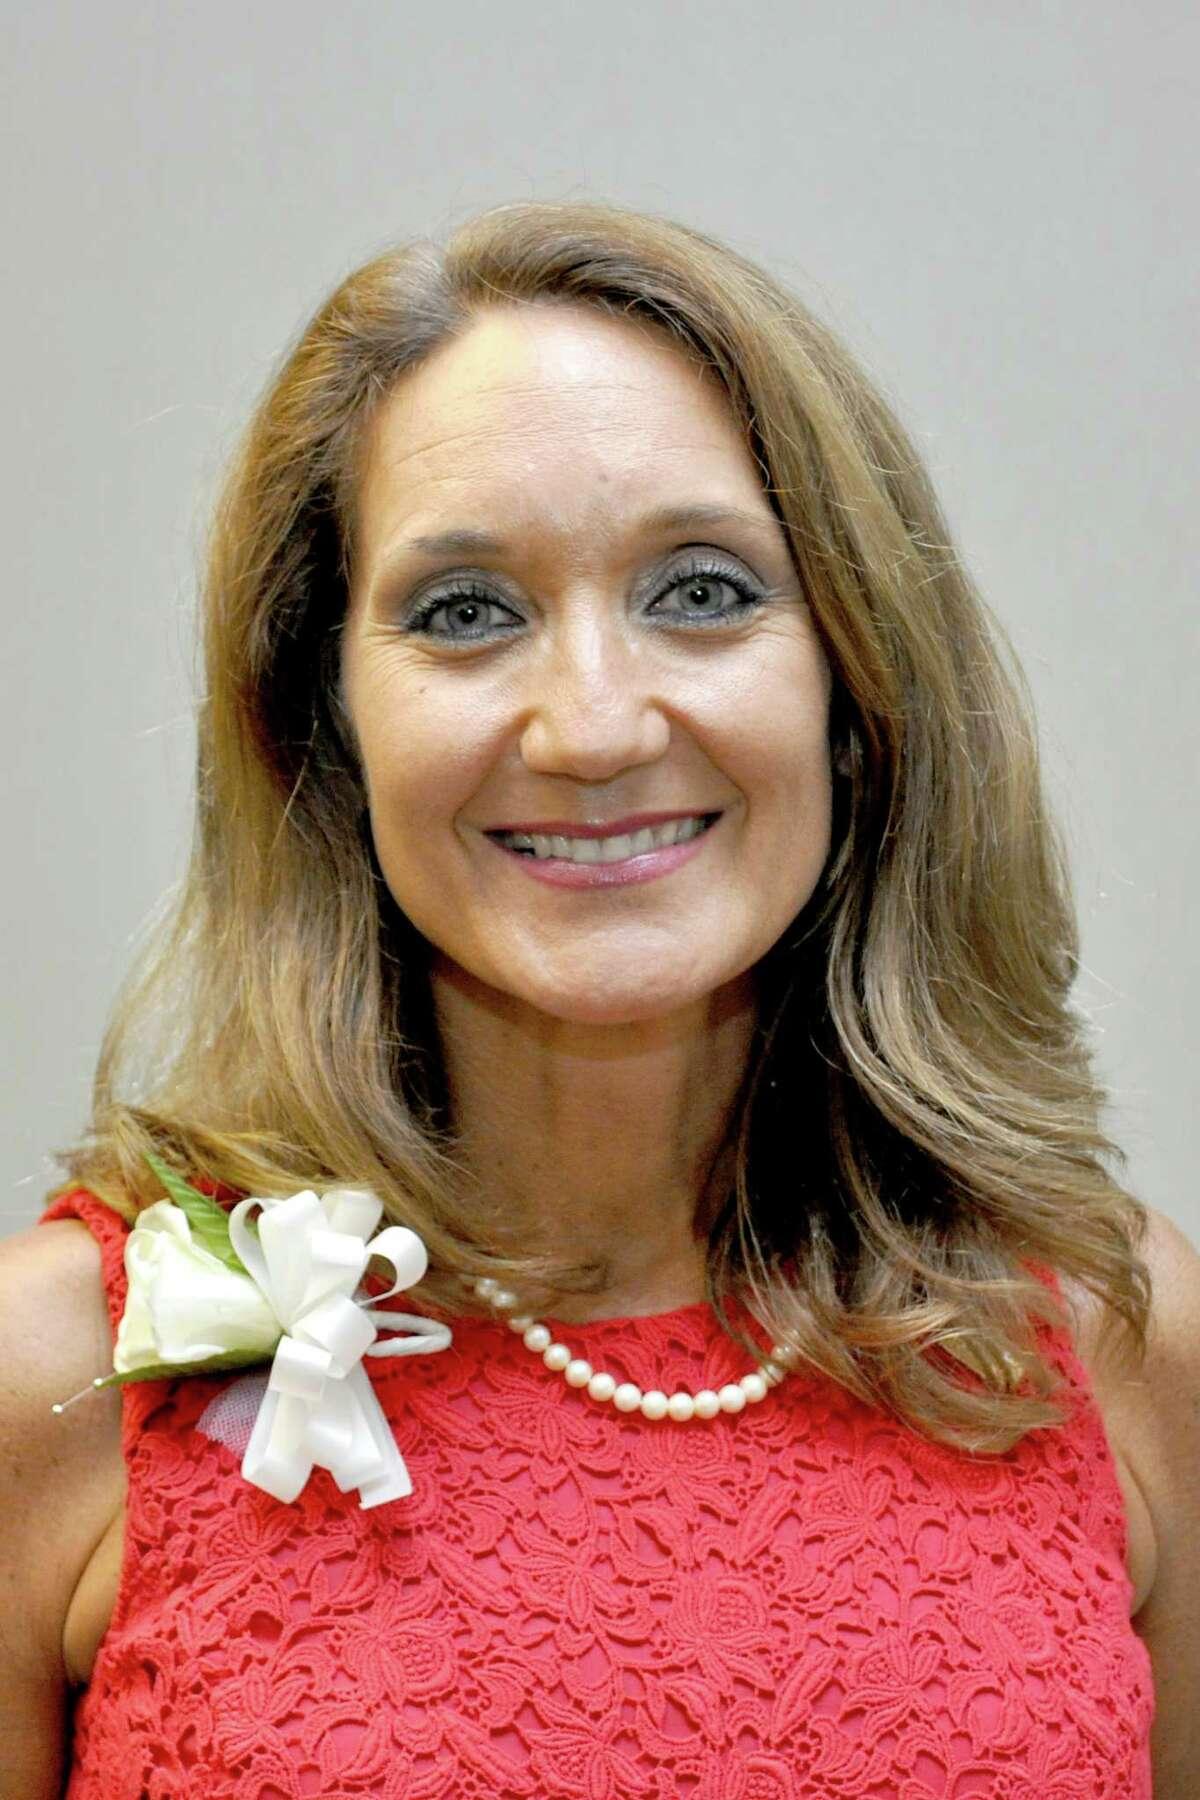 Janie Spies